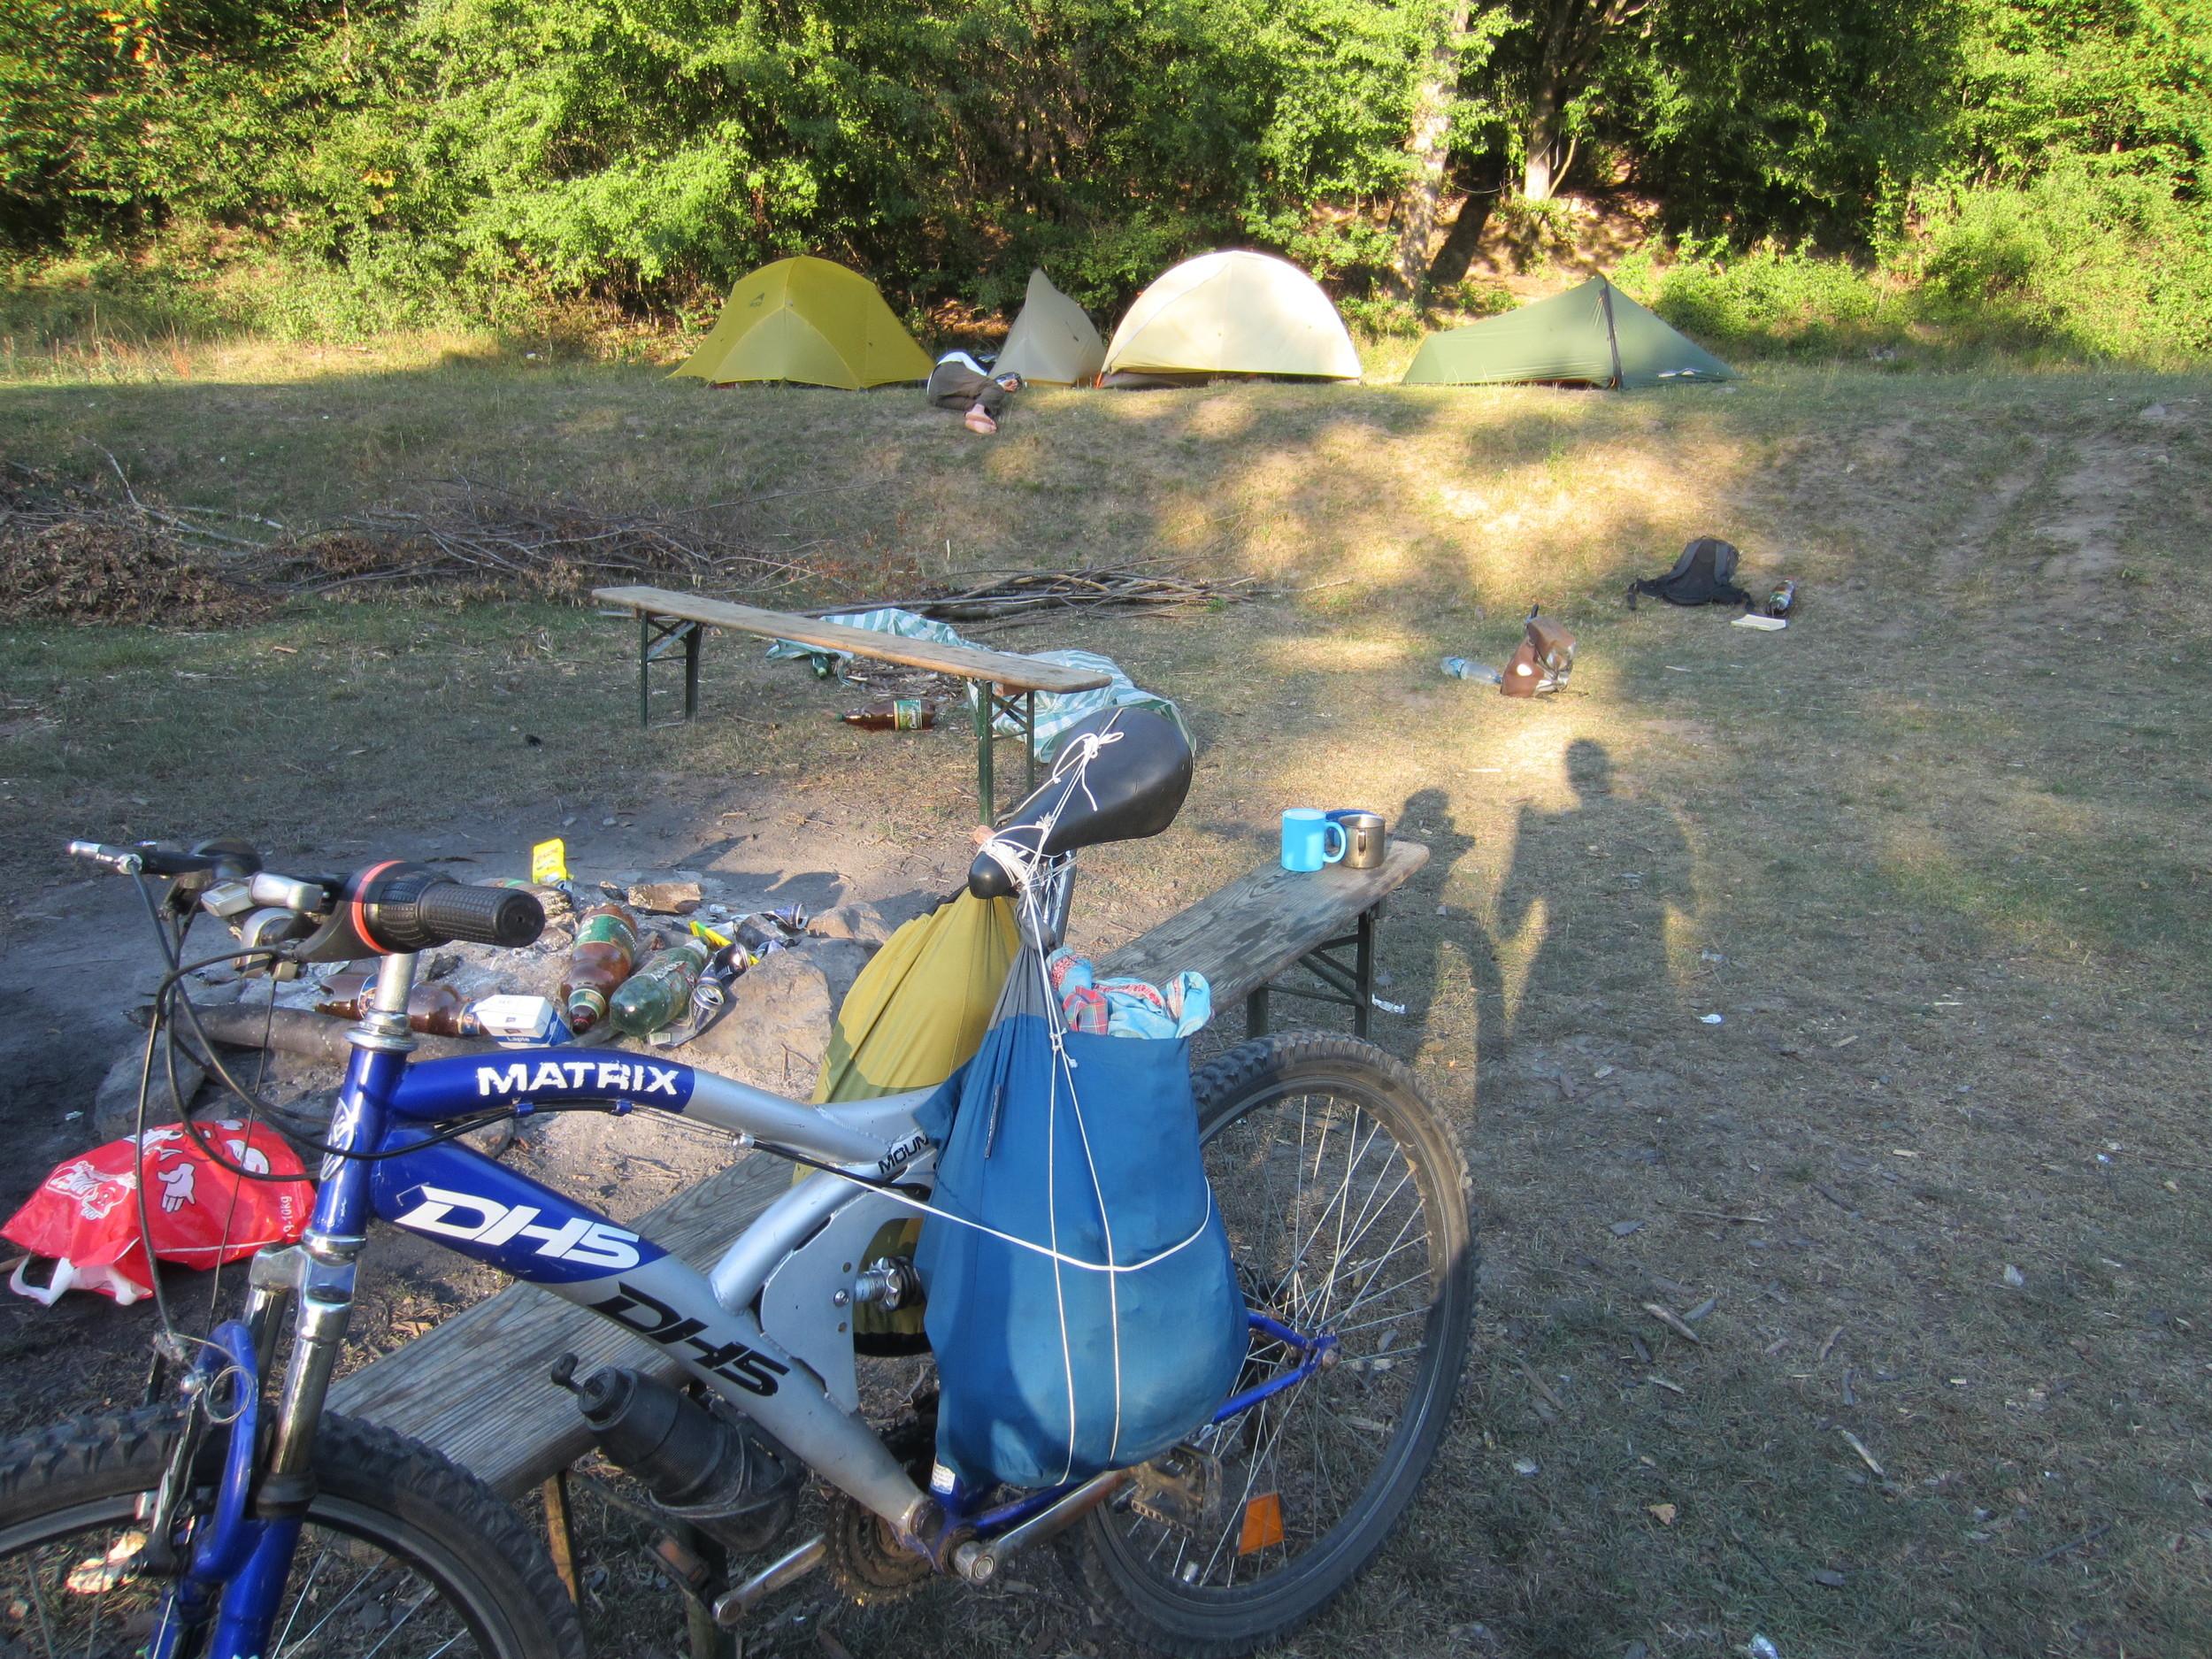 BabyBluewith mymake-shift saddle bags